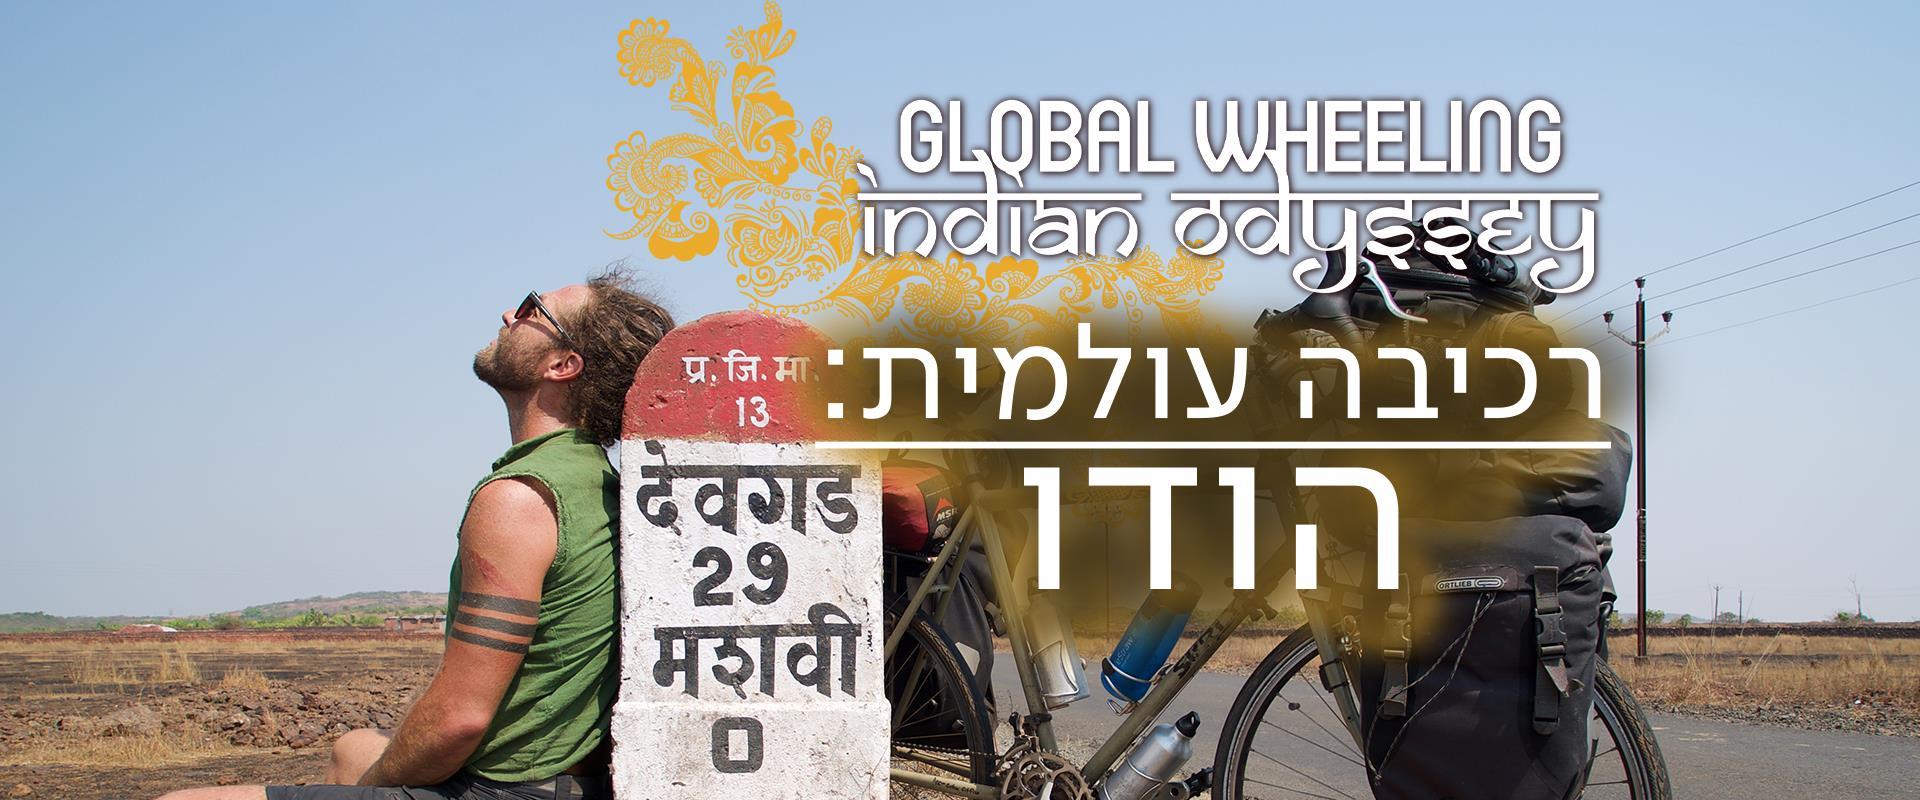 רכיבה עולמית: הודו